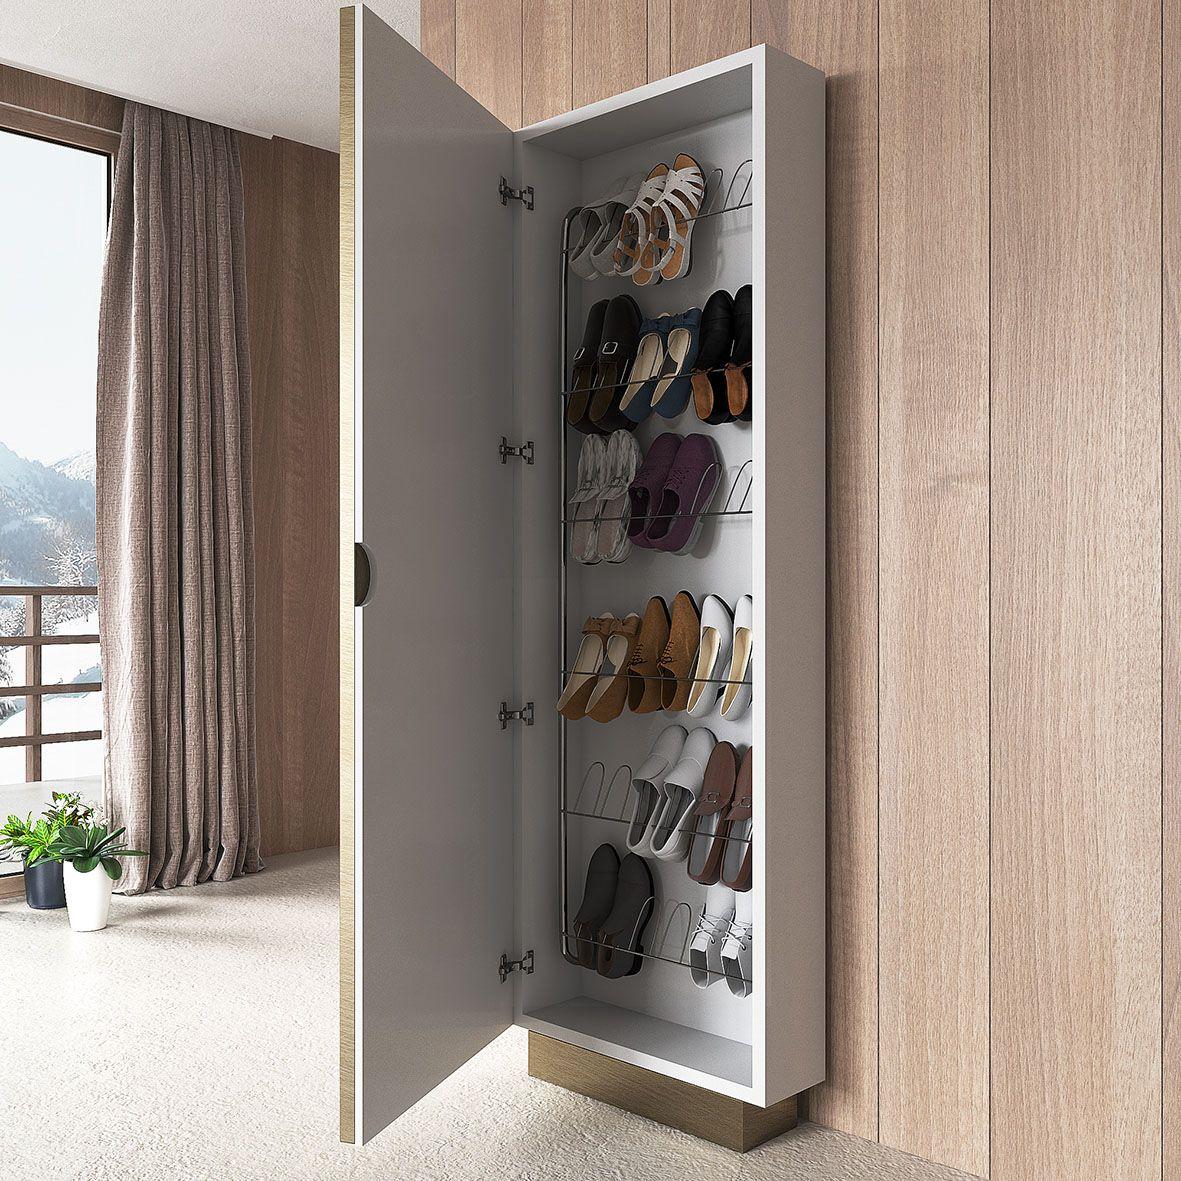 mueble-espejo-zapatero-3-detalle-abierto